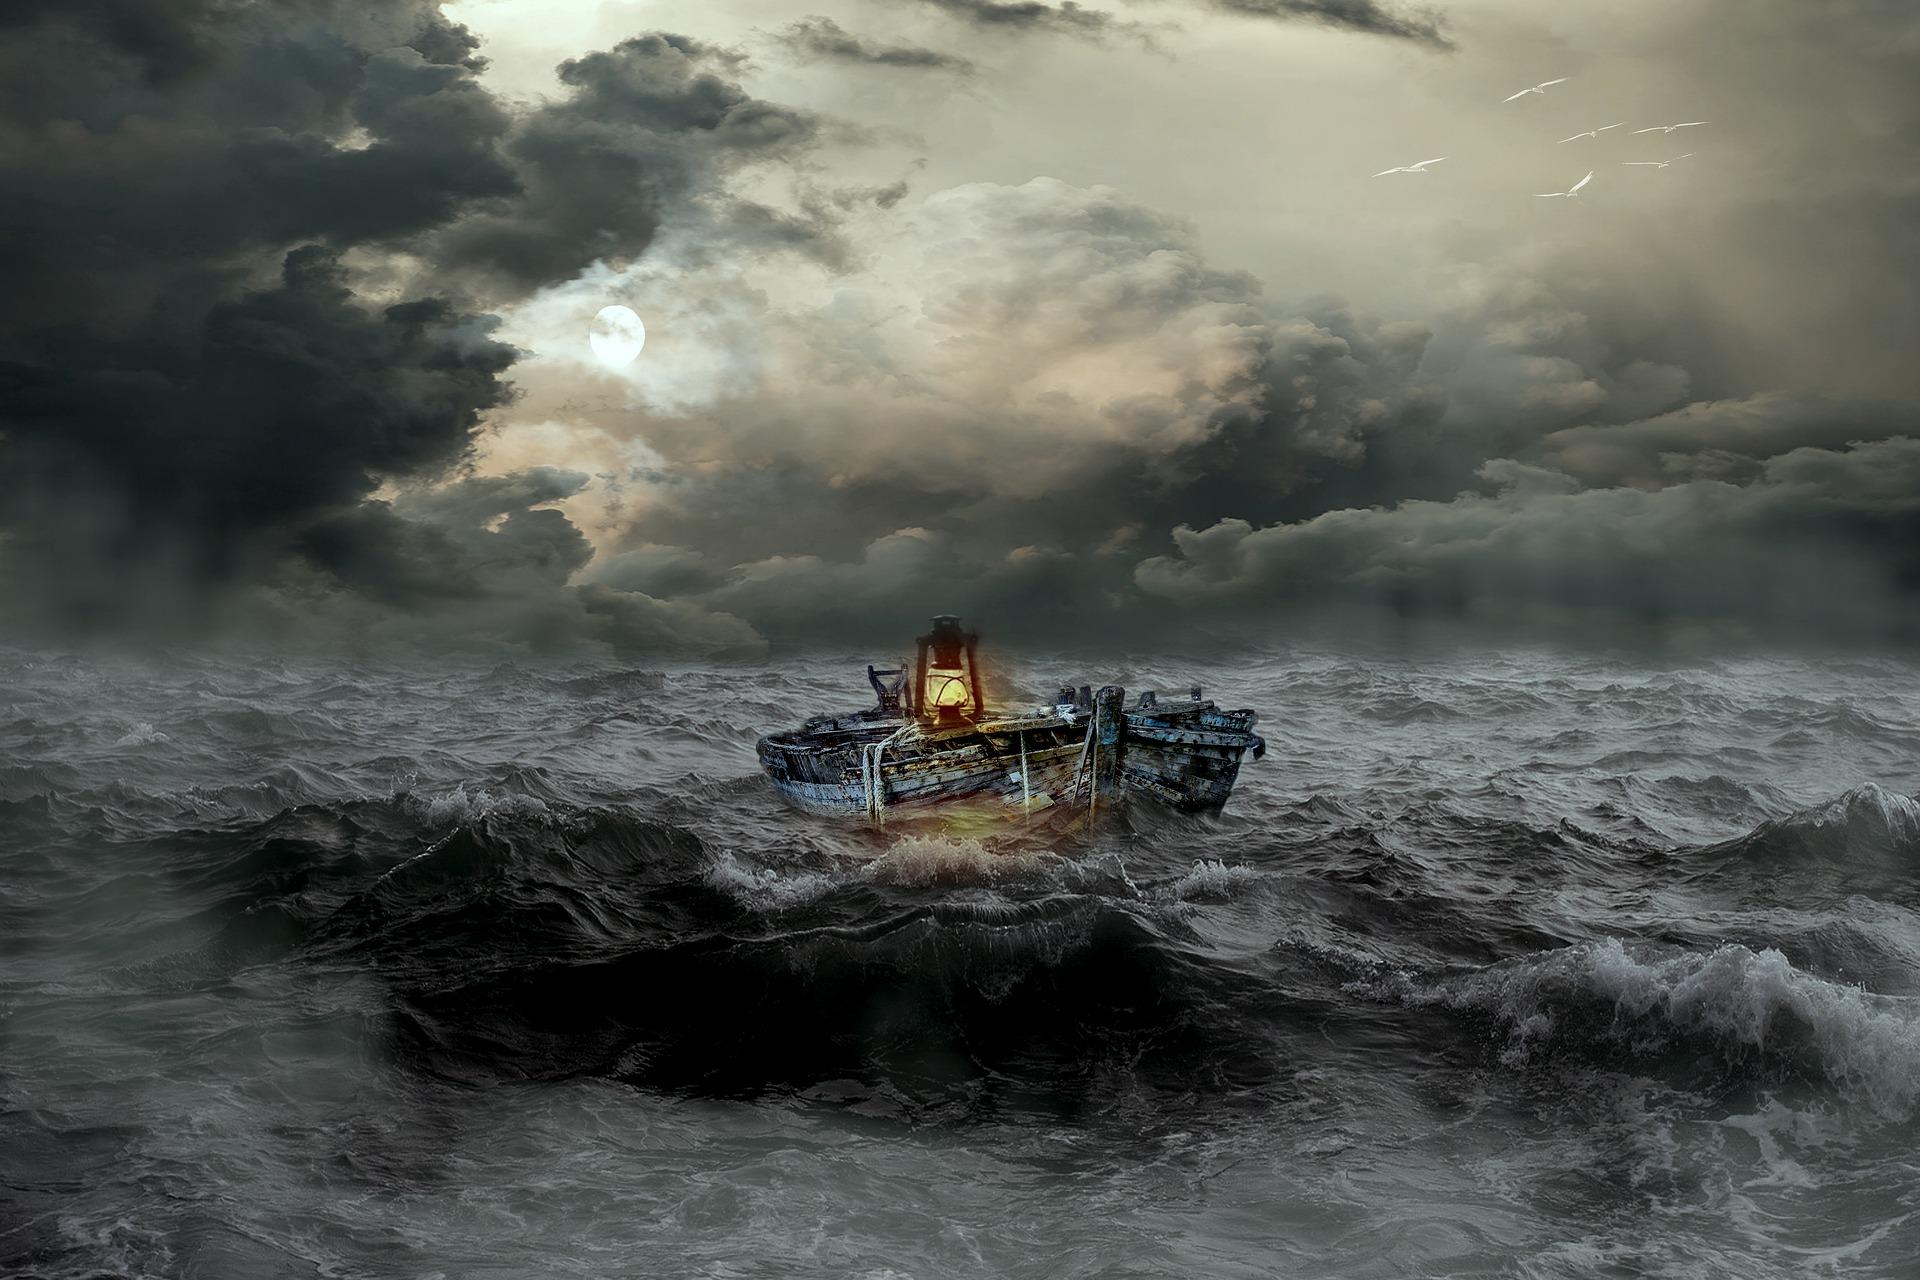 rough-sea-2624054_1920.jpg